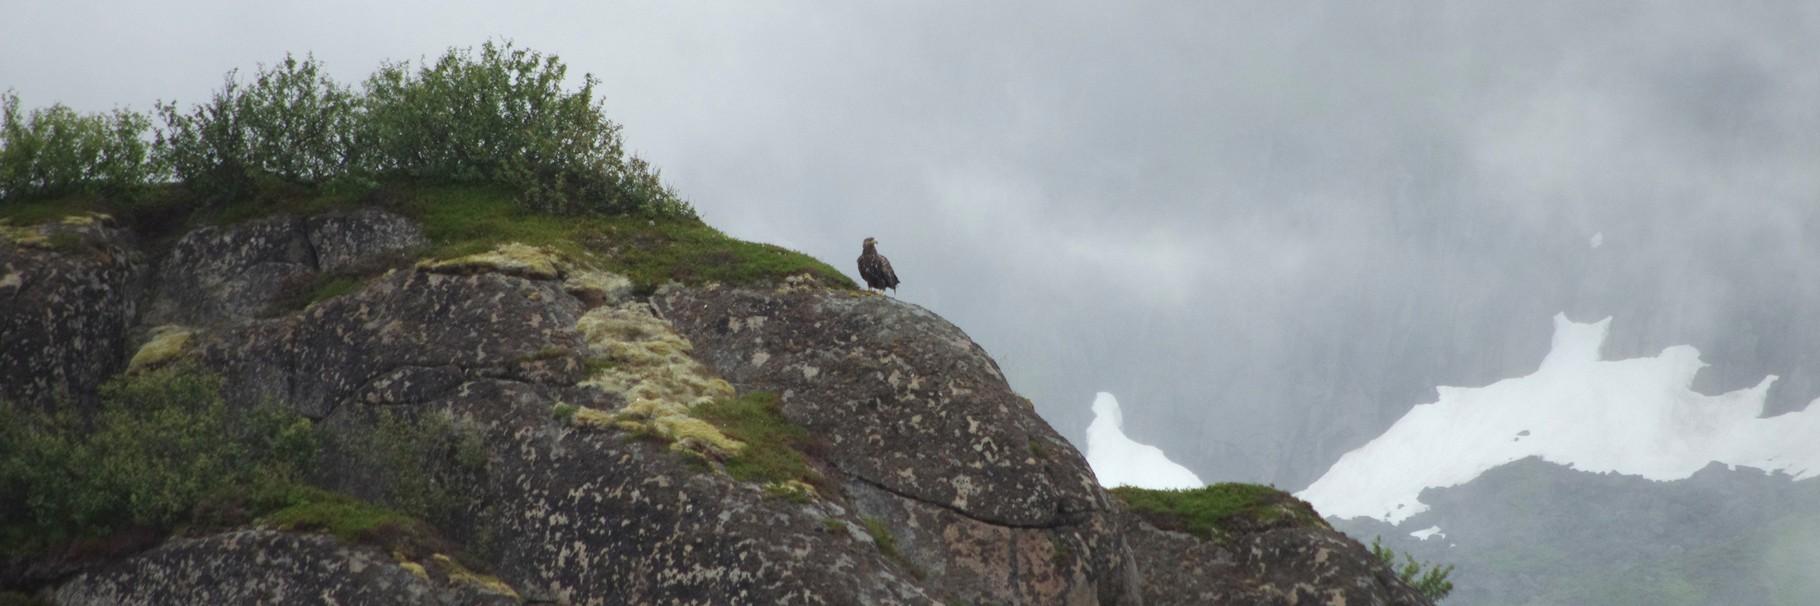 ...oder sie sitzen majestätisch in der Landschaft